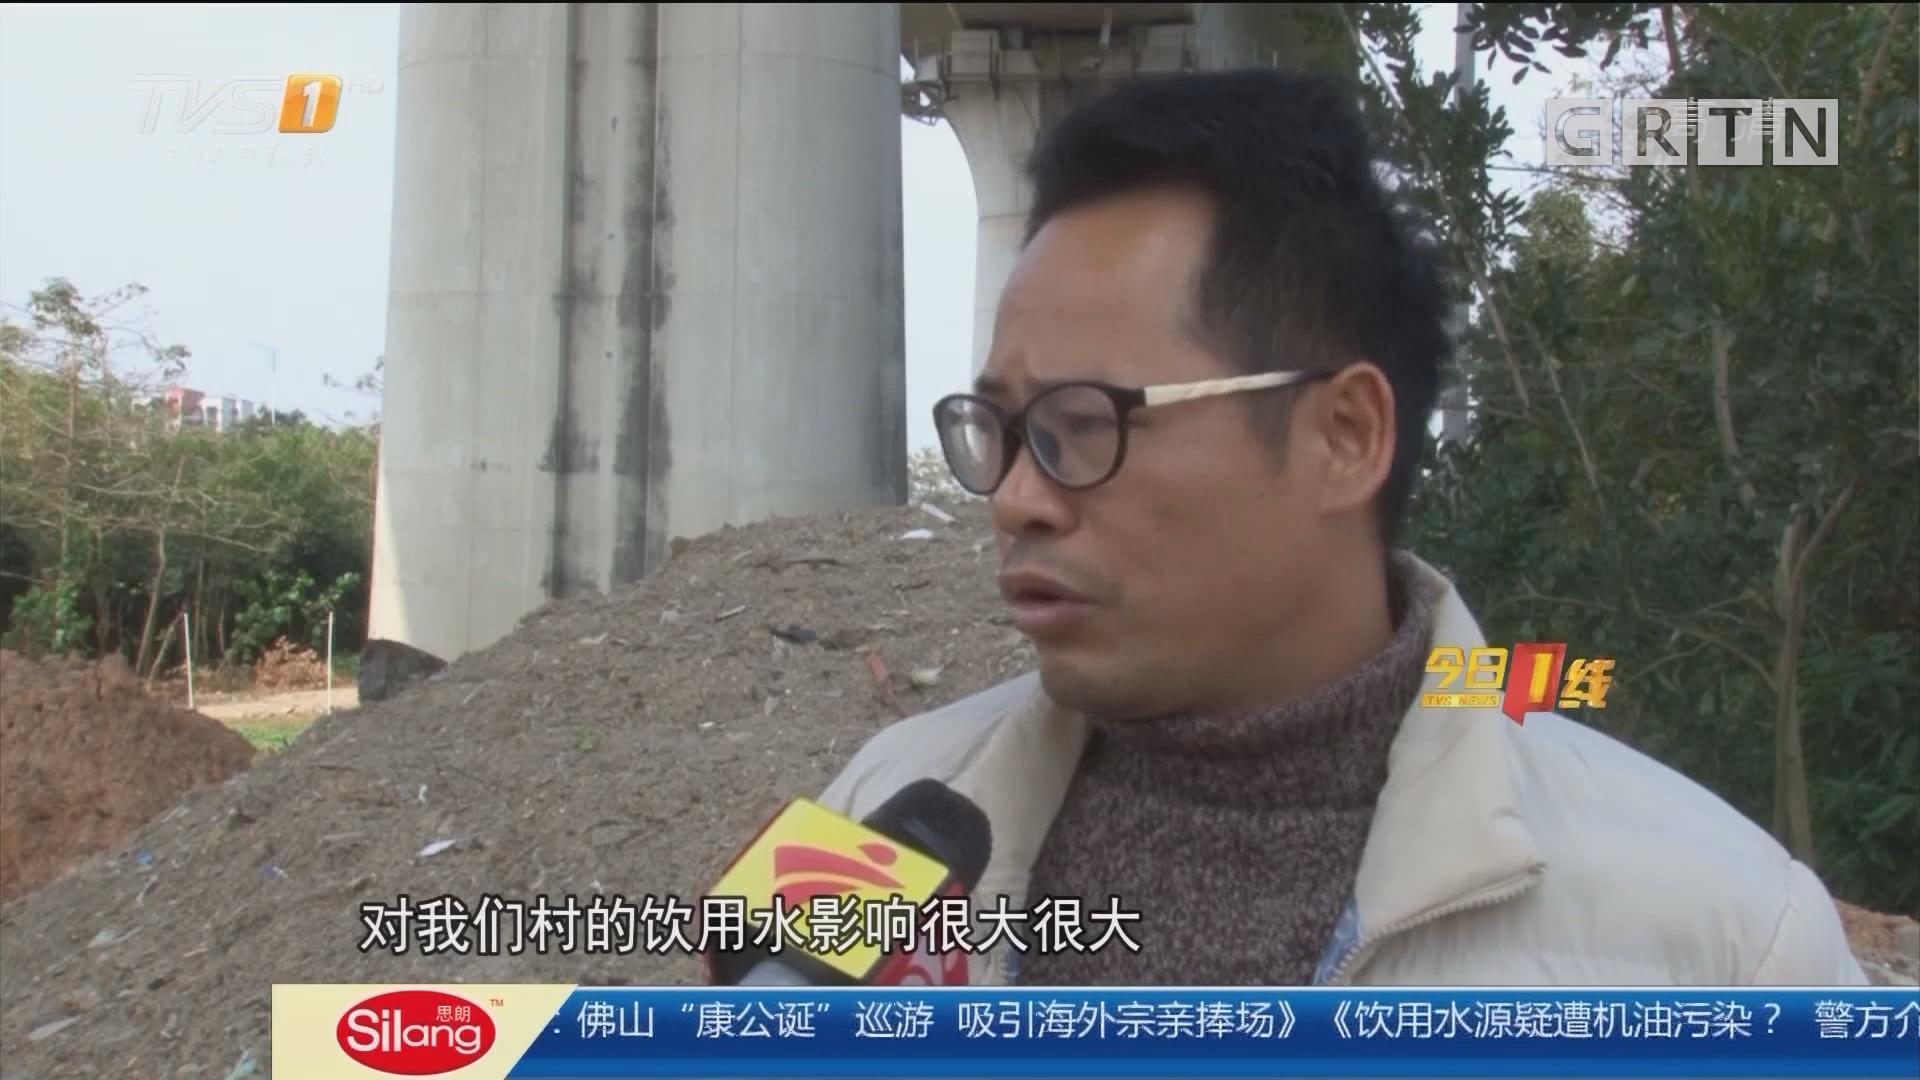 清远:百吨工业垃圾非法倾倒 环保部门介入